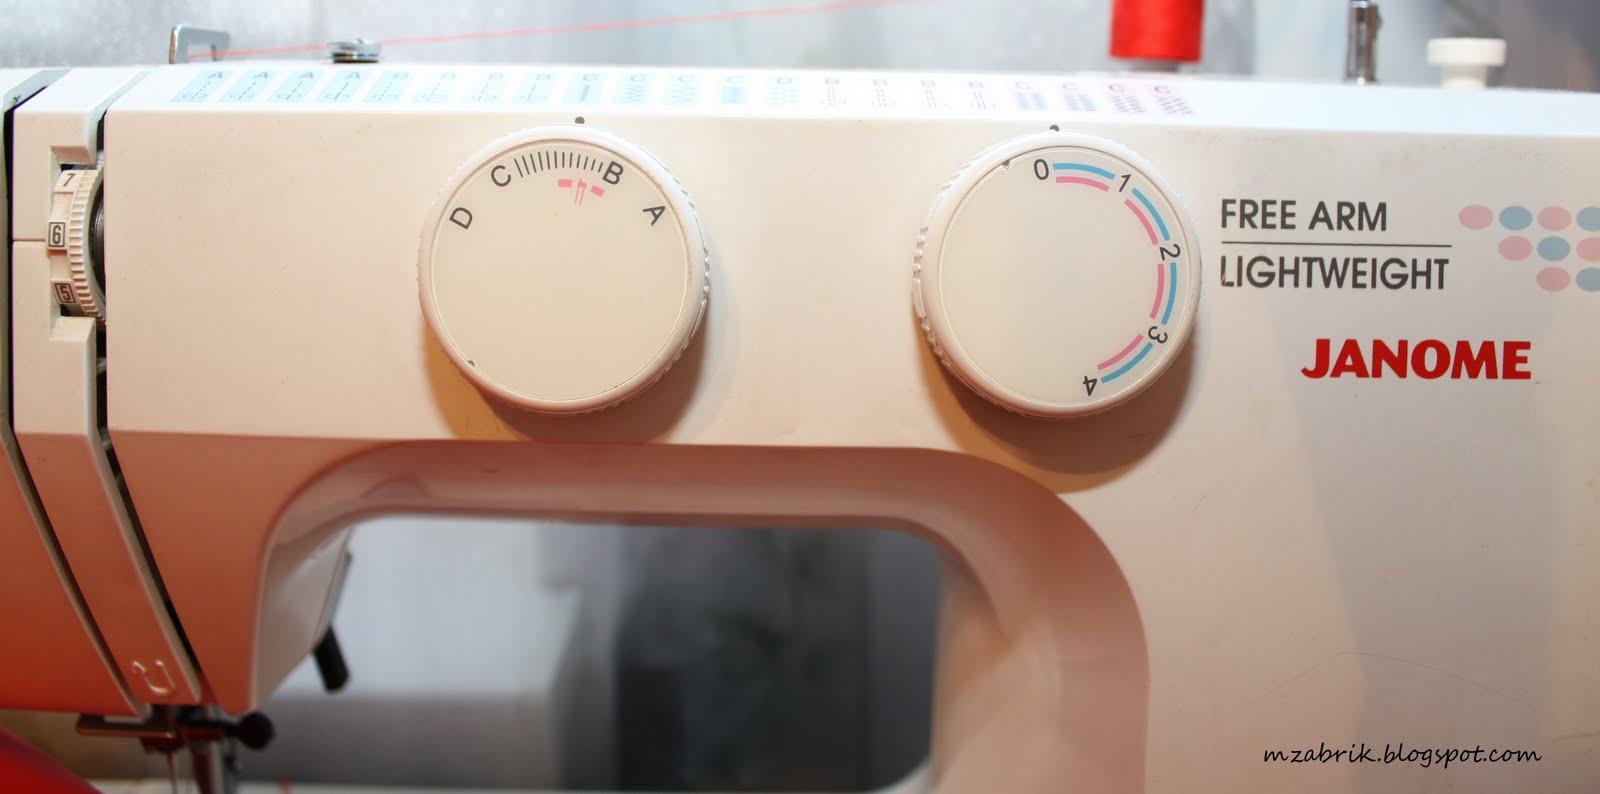 Петля для пуговицы на швейной машине Janome - Самошвейка 48